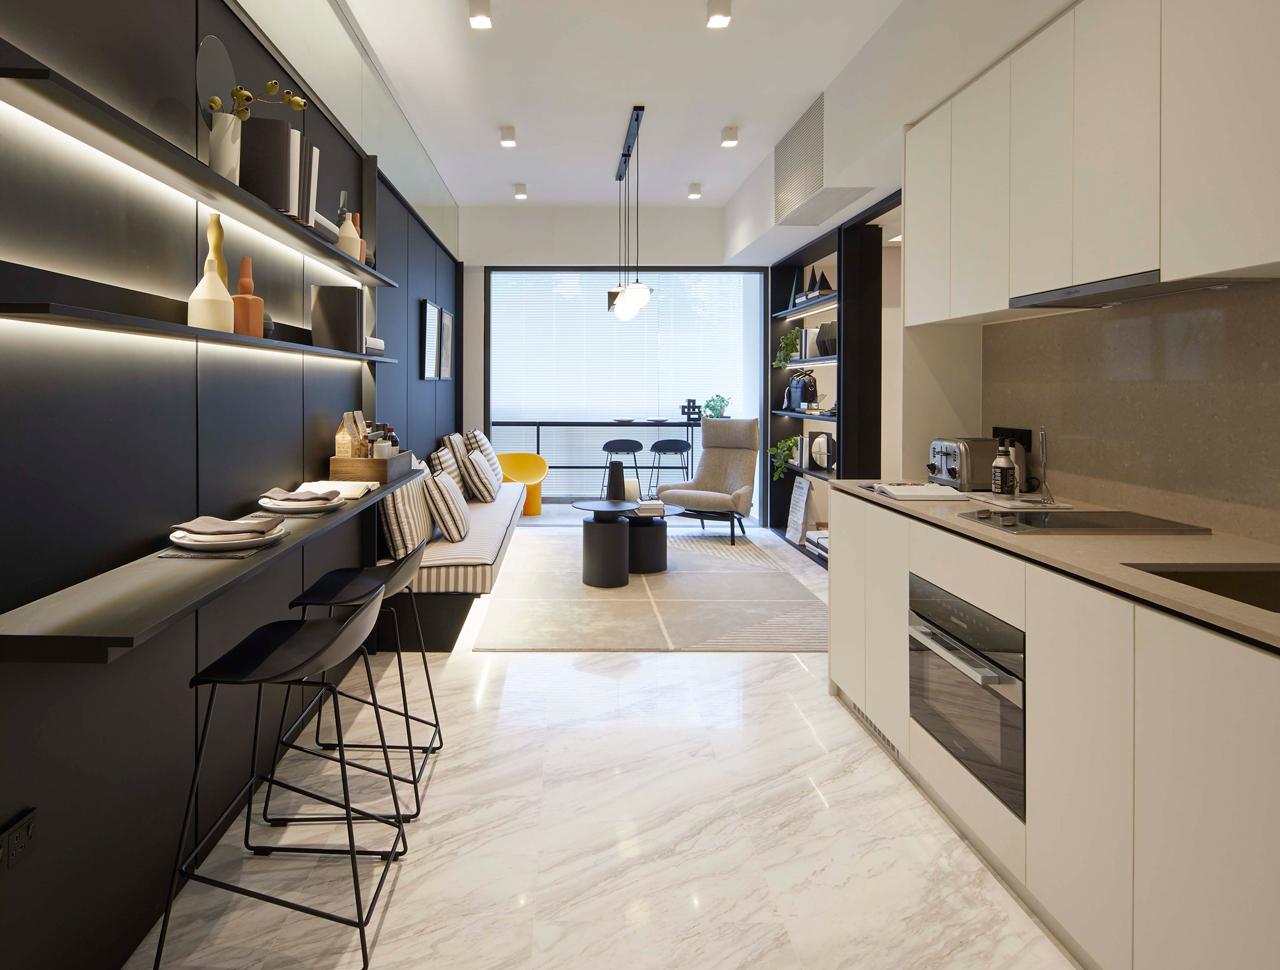 3 Bedrooms' Kitchen